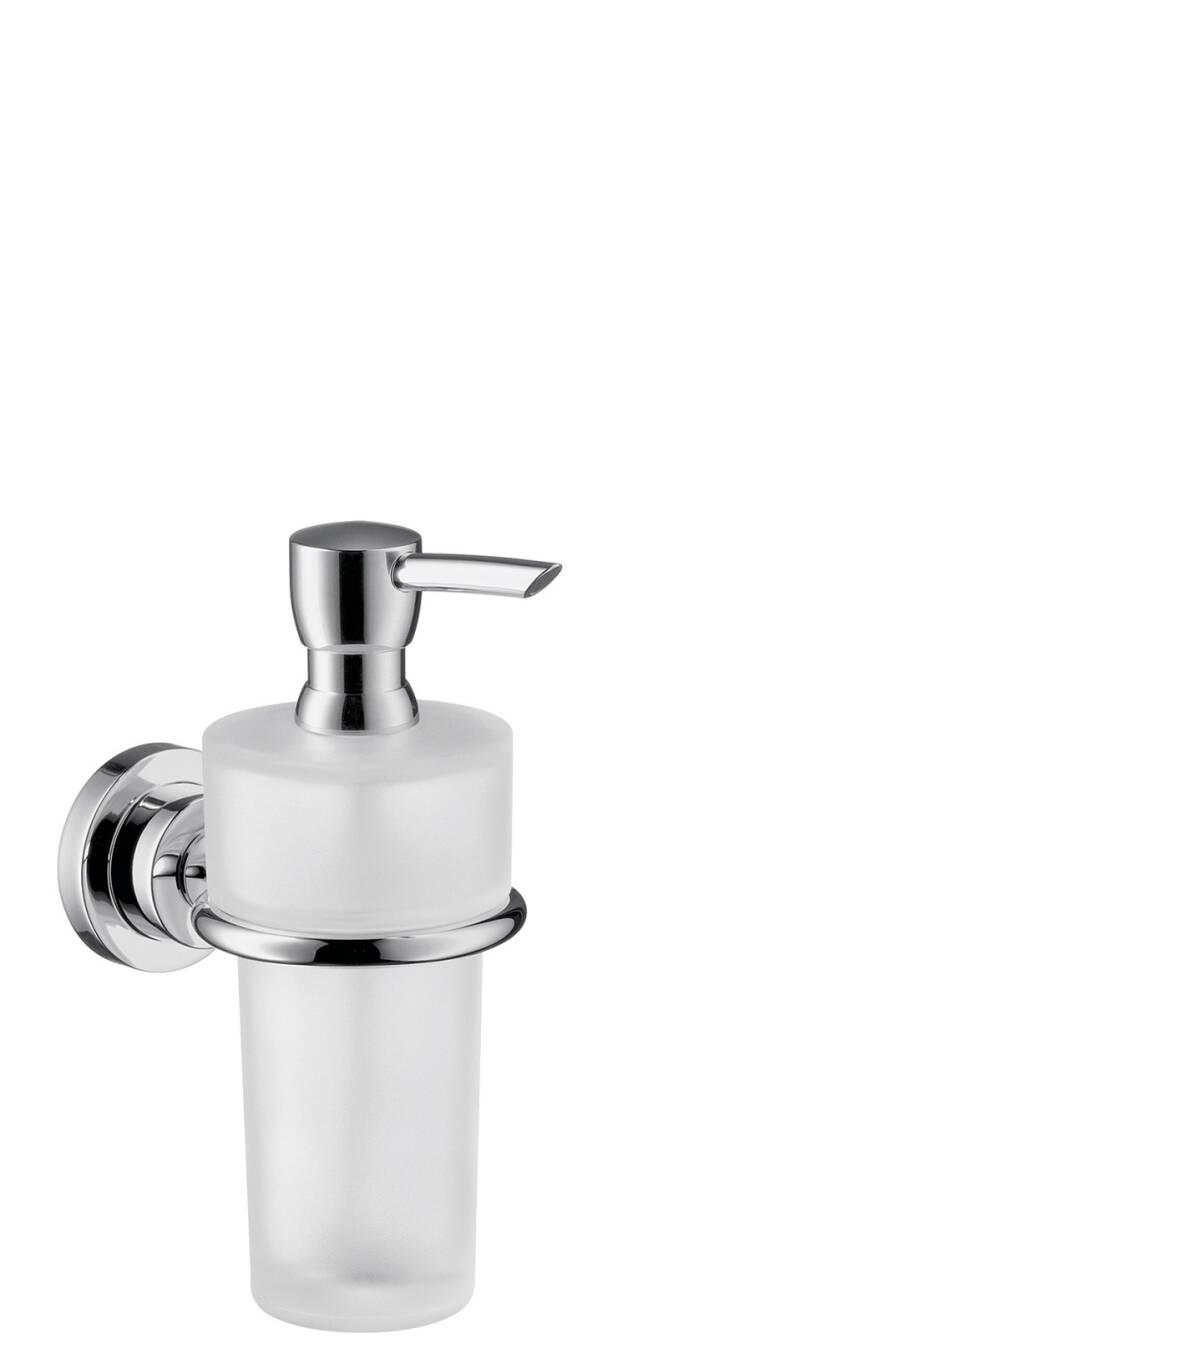 Lotion dispenser, Polished Bronze, 41719130